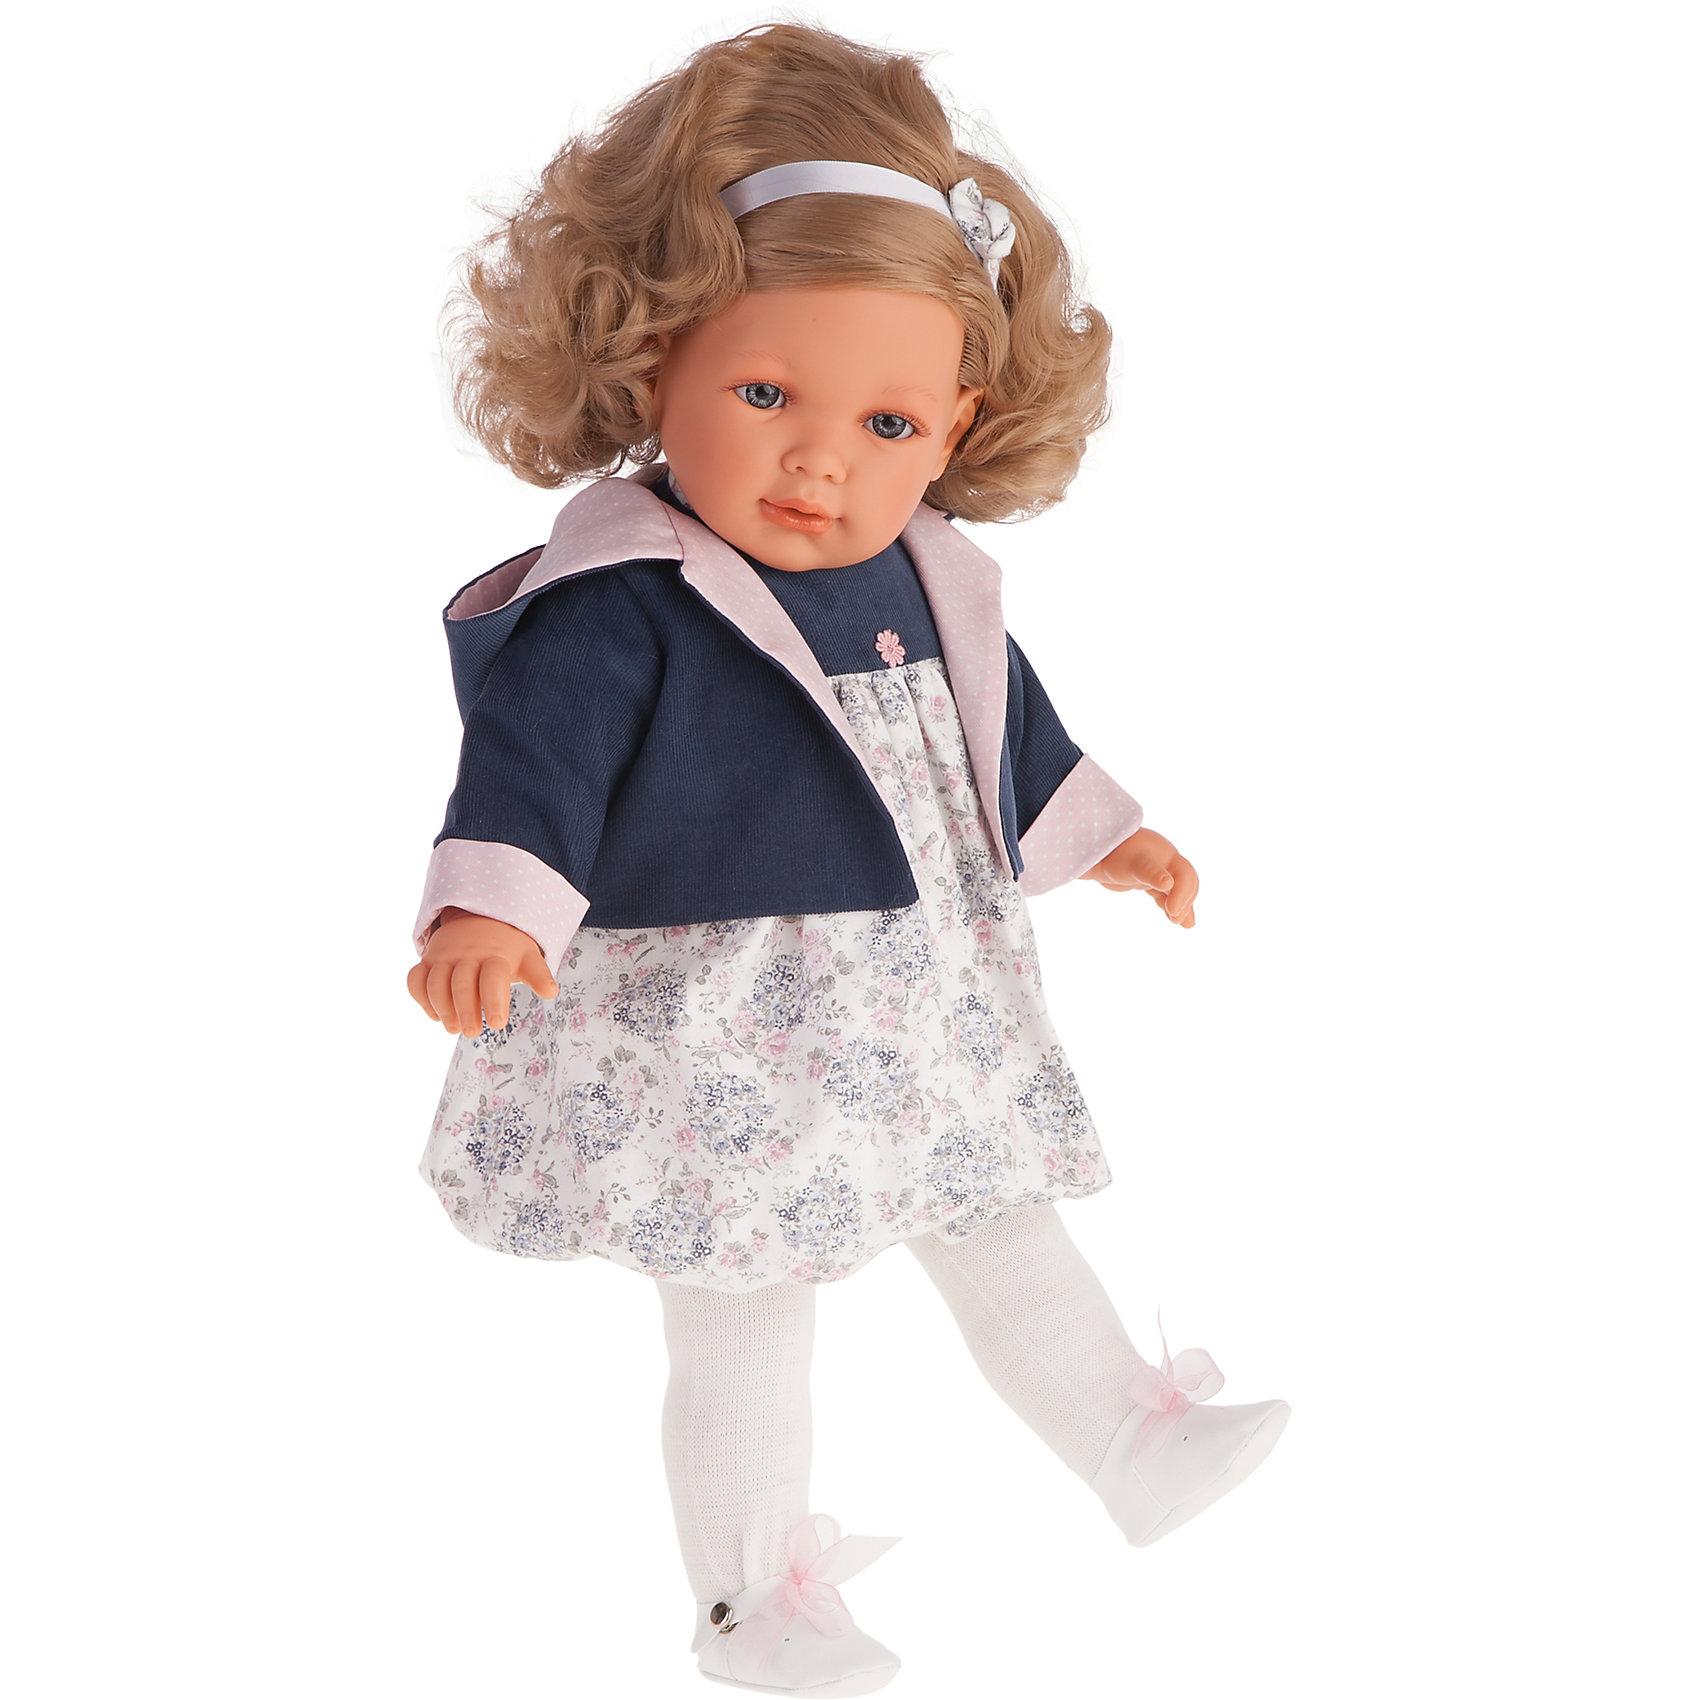 Кукла Аделина в синем, 55 см, Munecas Antonio JuanКукла Аделина в синем, 55 см, Munecas Antonio Juan (Мунекас от Антонио Хуан) ? это очаровательная малышка от всемирно известного испанского бренда Мунекас от Антонио Хуан, который знаменит своими реалистичными куклами. Кукла изготовлена из винила высшего качества, ее тело ? мягконабивное. Ручки и ножки подвижны, глазки не закрываются. <br>У маленькой девочки Аделины  русые волосы и голубые глаза. Длинные локоны Аделины можно укладывать в разные прически или заплетать косички. Аделина уже большая девочка, она весело смеется, говорит «мама» и «папа». Эта малышка непременно станет лучшей подружкой для вашей дочери.<br>Кукла Аделина в синем, 55 см, Munecas Antonio Juan (Мунекас от Антонио Хуан) разработана с учетом анатомических особенностей и мимики младенцев. Играя с куклой, ваш ребенок реалистично проживает роль «мамы», учится ухаживать за малышом, заботиться о нем.<br>Аделина ? настоящая модница. Ее нежное платьице и синяя курточка разработаны современными европейскими дизайнерами. На малышке надеты белые колготочки и туфельки на завязочках. Весь комплект одежды демонстрирует чувство стиля и вкуса в одежде.<br>Куклы JUAN ANTONIO munecas (Мунекас от Антонио Хуан) ? мечта девочки любого возраста!<br><br>Дополнительная информация:<br><br>- Вид игр: сюжетно-ролевые игры <br>- Дополнительные функции: смеется, говорит «мама» и «папа»<br>- Материал: пластик, винил, текстиль<br>- Высота куклы: 55 см<br>- Вес: 10 кг 500 г<br>- Батарейки: 3 шт. АА<br>- Особенности ухода: одежда ? ручная стирка, саму куклу мыть не рекомендуется <br><br>Подробнее:<br><br>• Для детей в возрасте: от 3 лет и до 6 лет<br>• Страна производитель: Испания<br>• Торговый бренд: JUAN ANTONIO munecas <br><br>Куклу Аделину в синем, 55 см, Munecas Antonio Juan (Мунекас от Антонио Хуан) можно купить в нашем интернет-магазине.<br><br>Ширина мм: 590<br>Глубина мм: 290<br>Высота мм: 145<br>Вес г: 1050<br>Возраст от месяцев: 36<br>Возраст до месяцев: 72<br>Пол: Ж